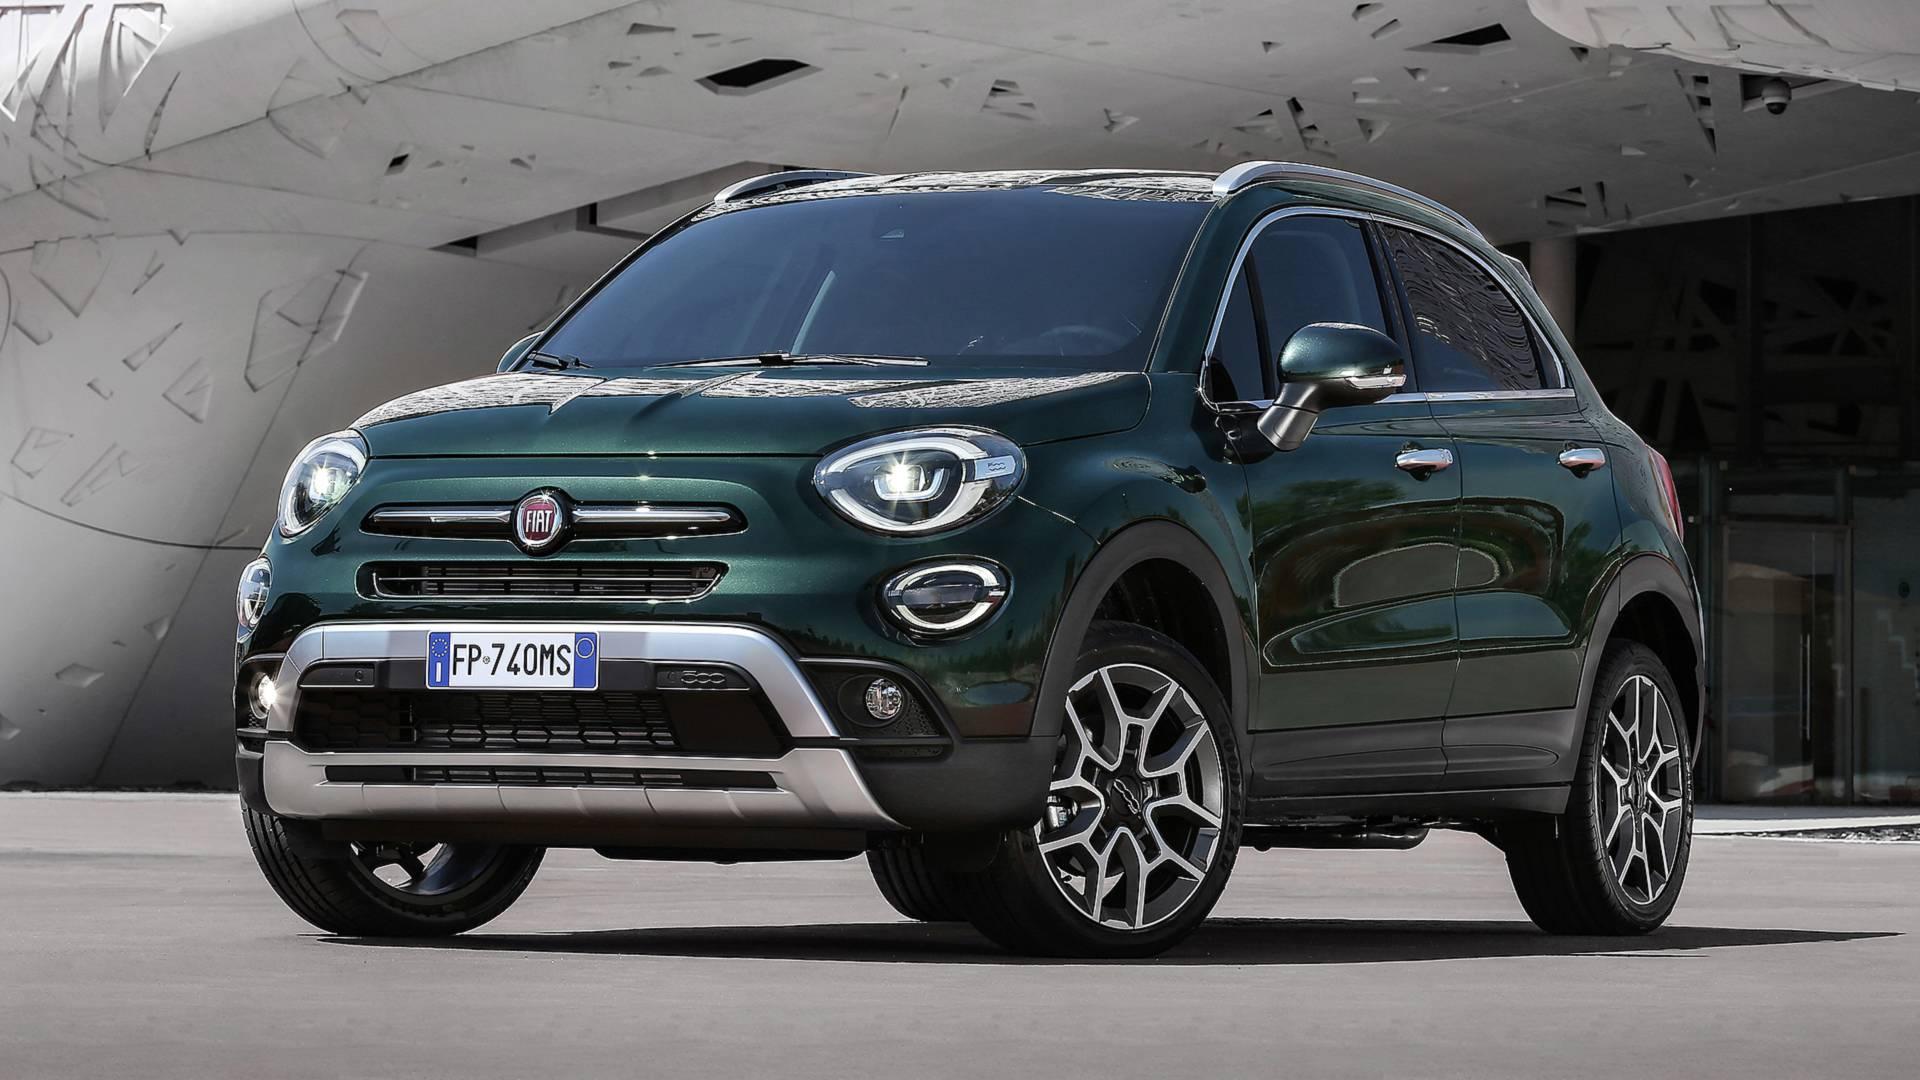 Nuova Fiat 500X: ecco quali saranno le novità